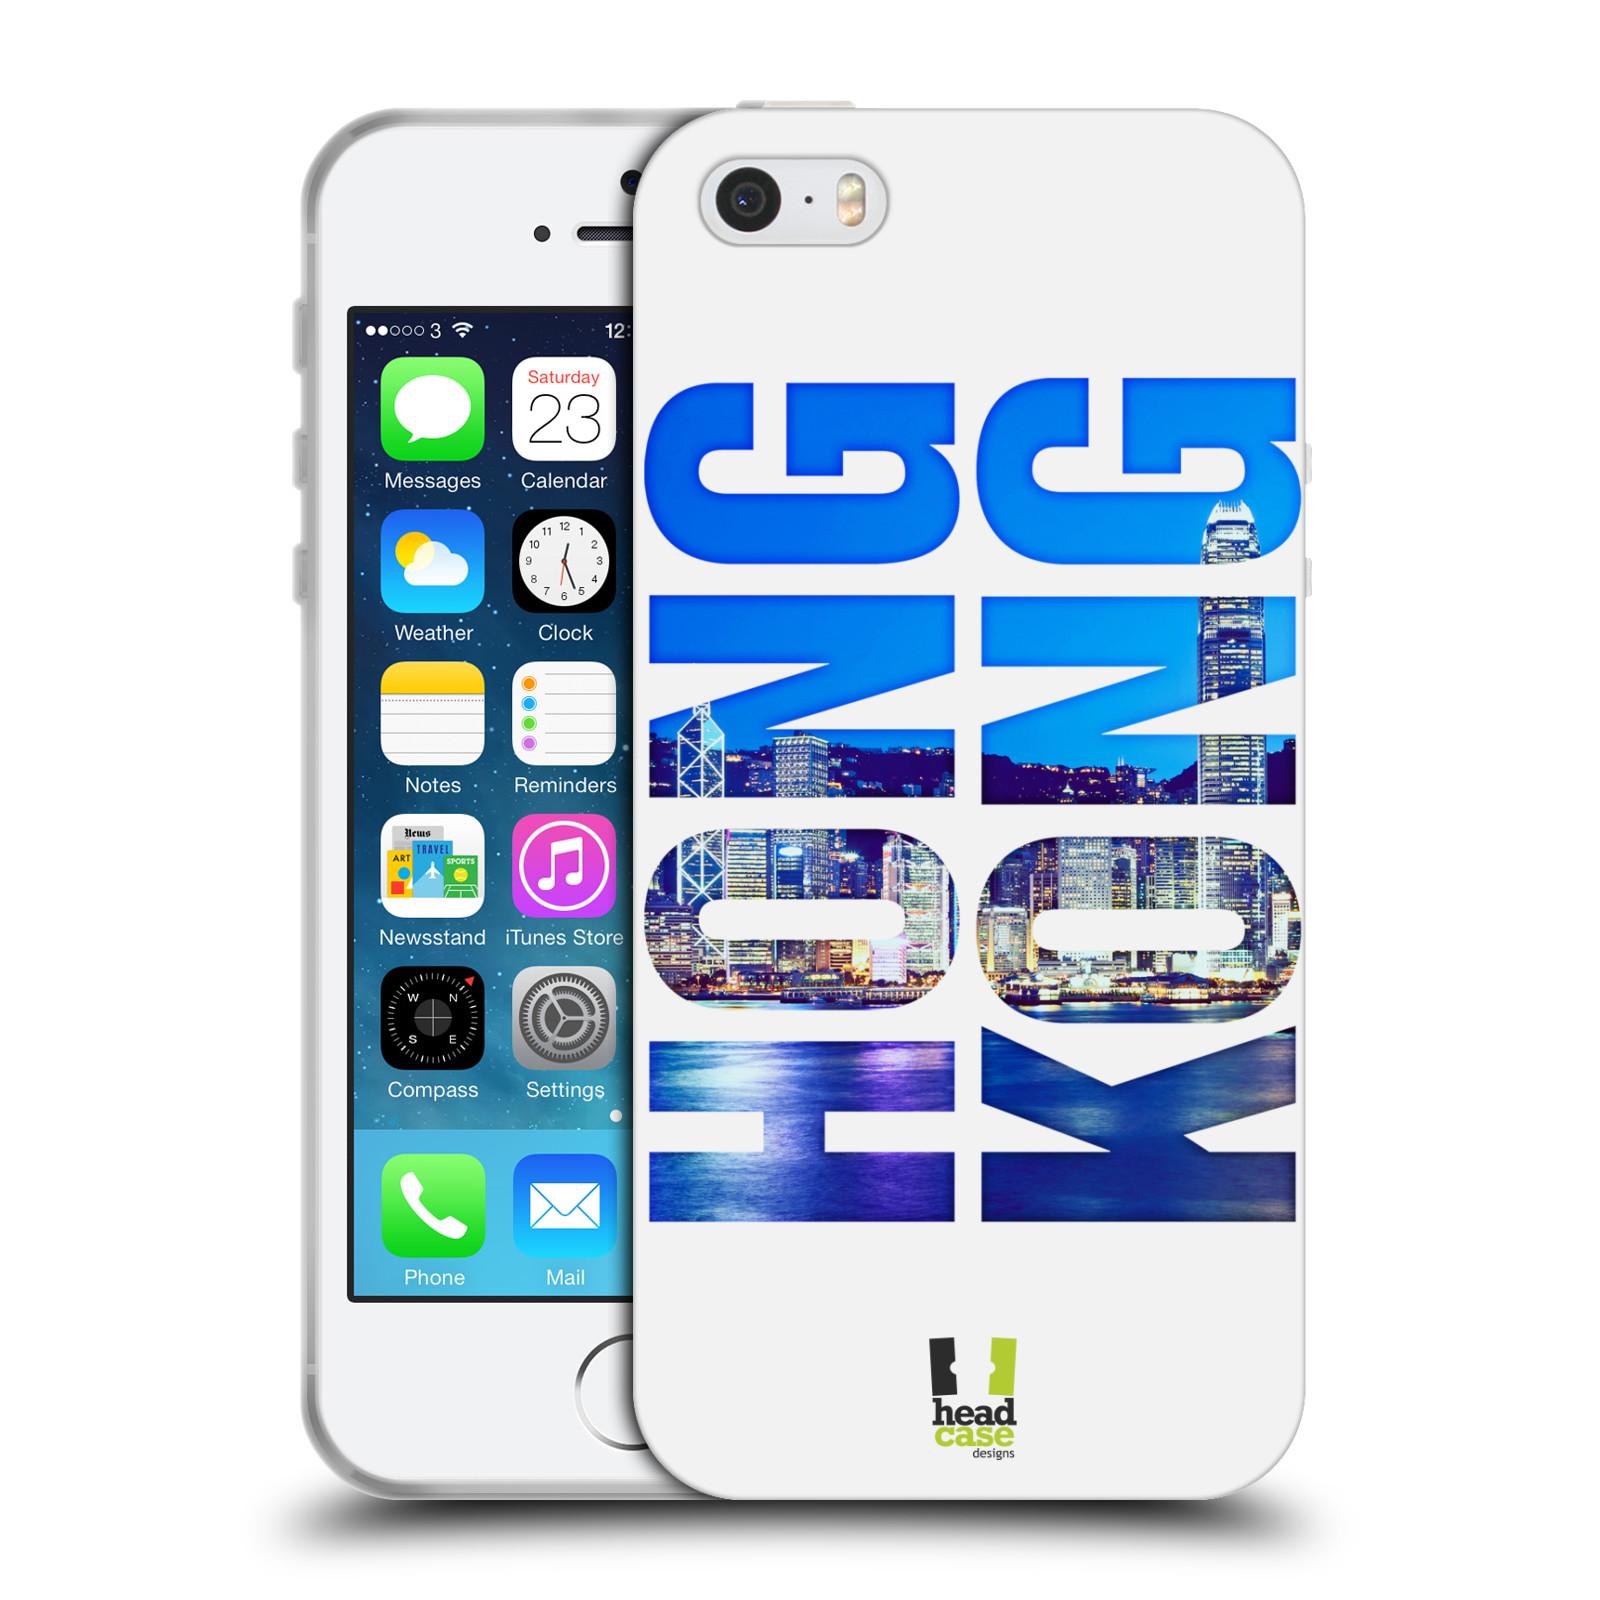 HEAD CASE silikonový obal na mobil Apple Iphone 5/5S vzor Města foto a nadpis ČÍNA, HONG KONG, MĚSTO